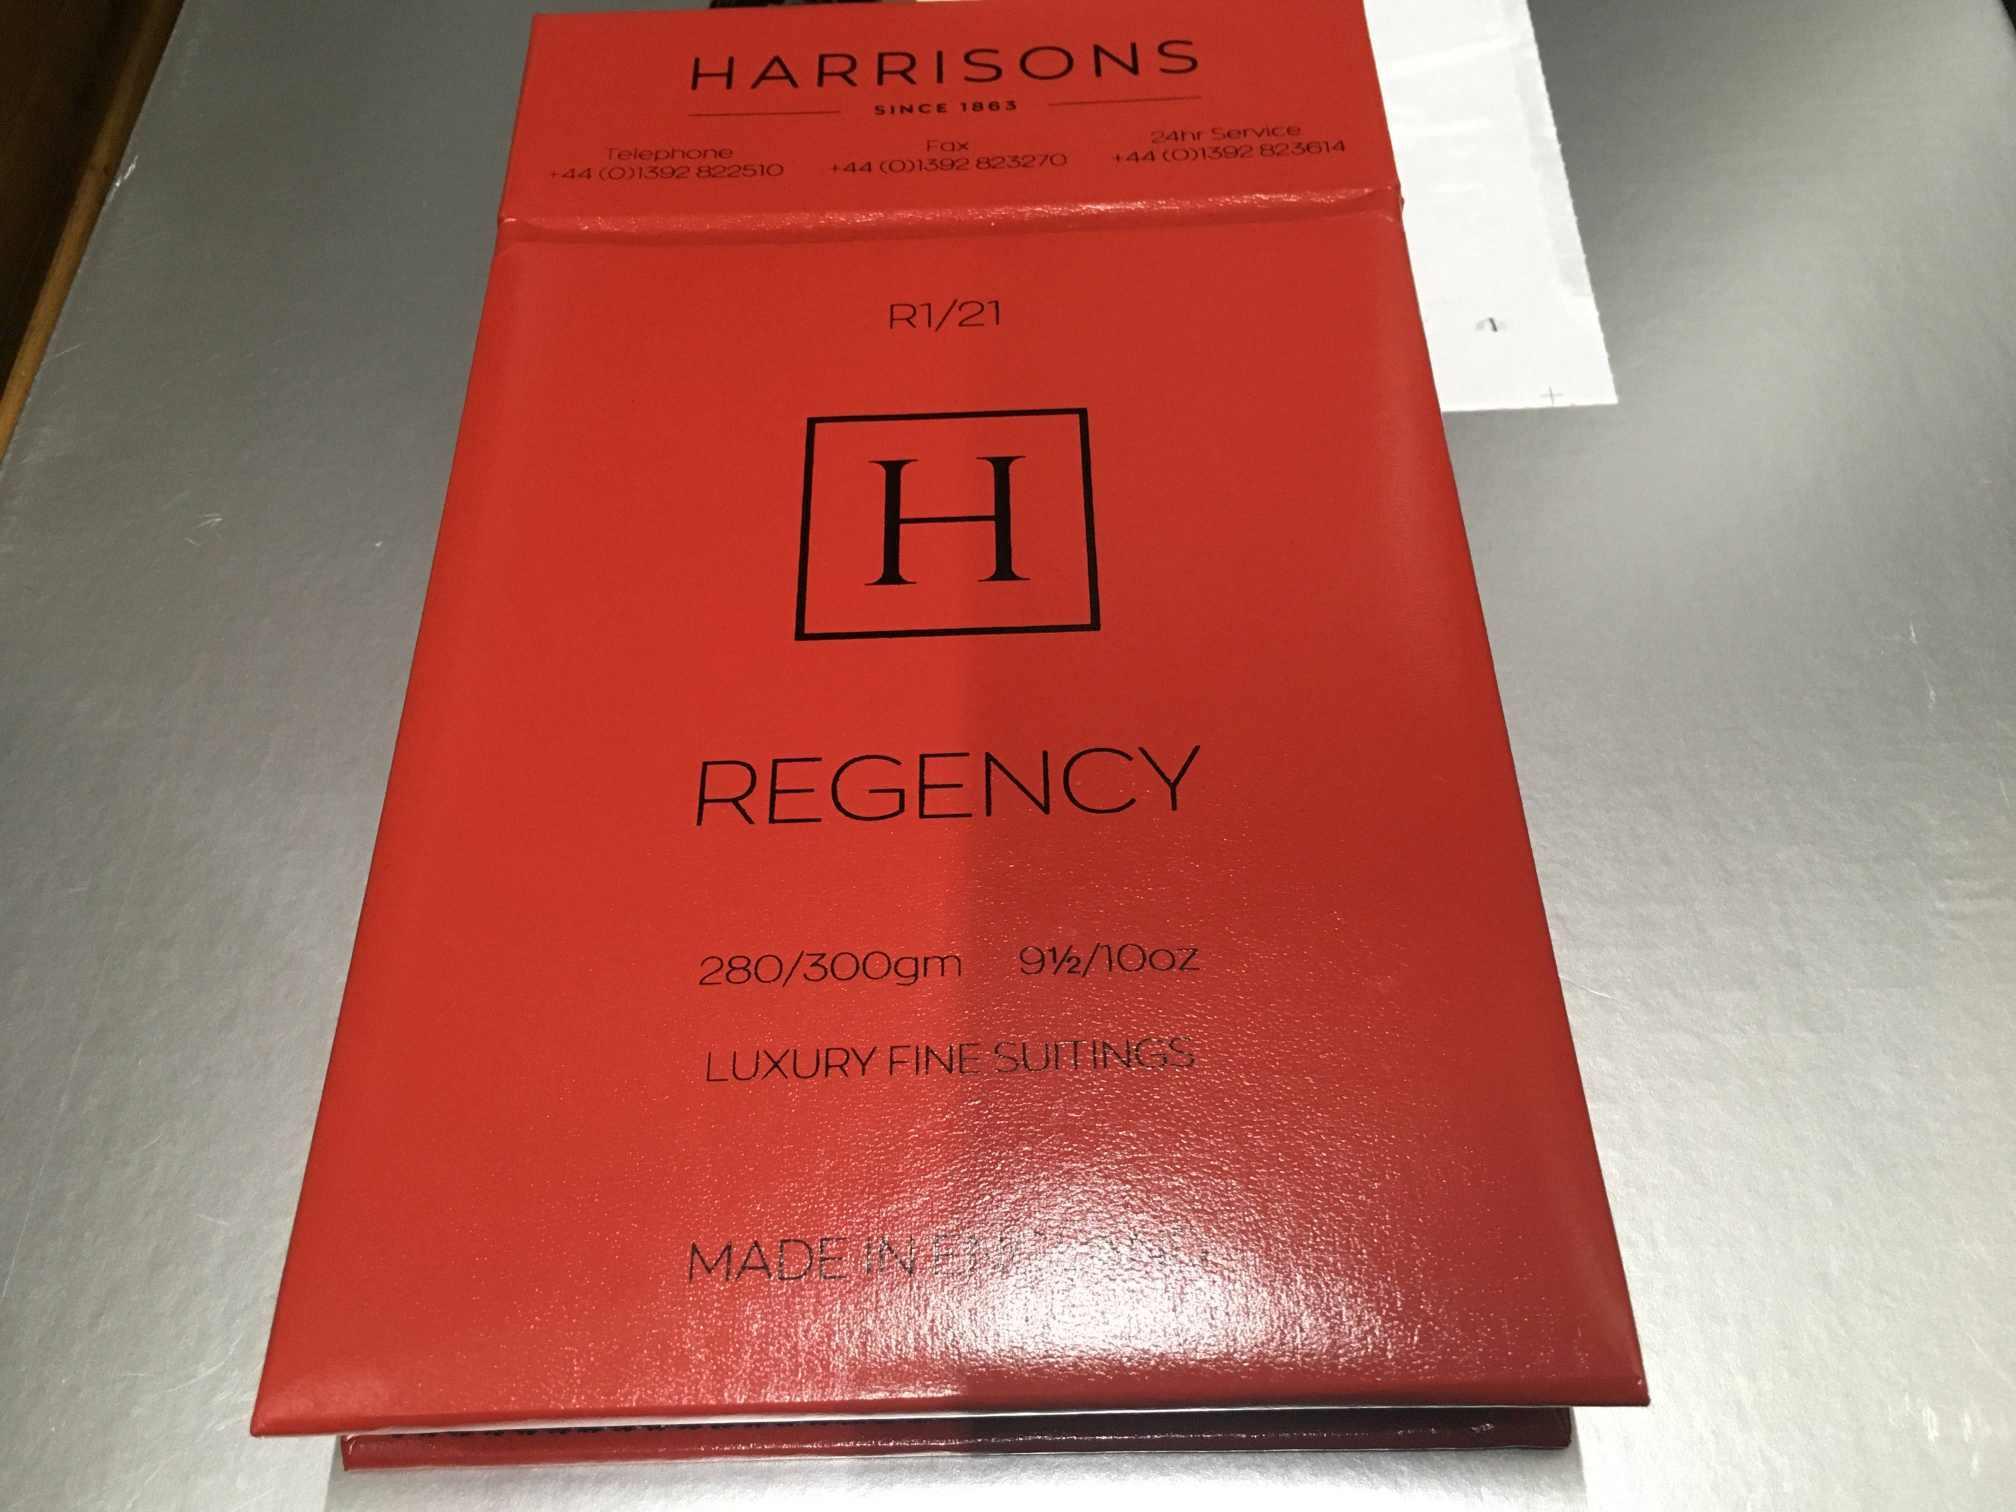 ハリソンズ・オブ・エジンバラの新作REGENCY(リージェンシー)